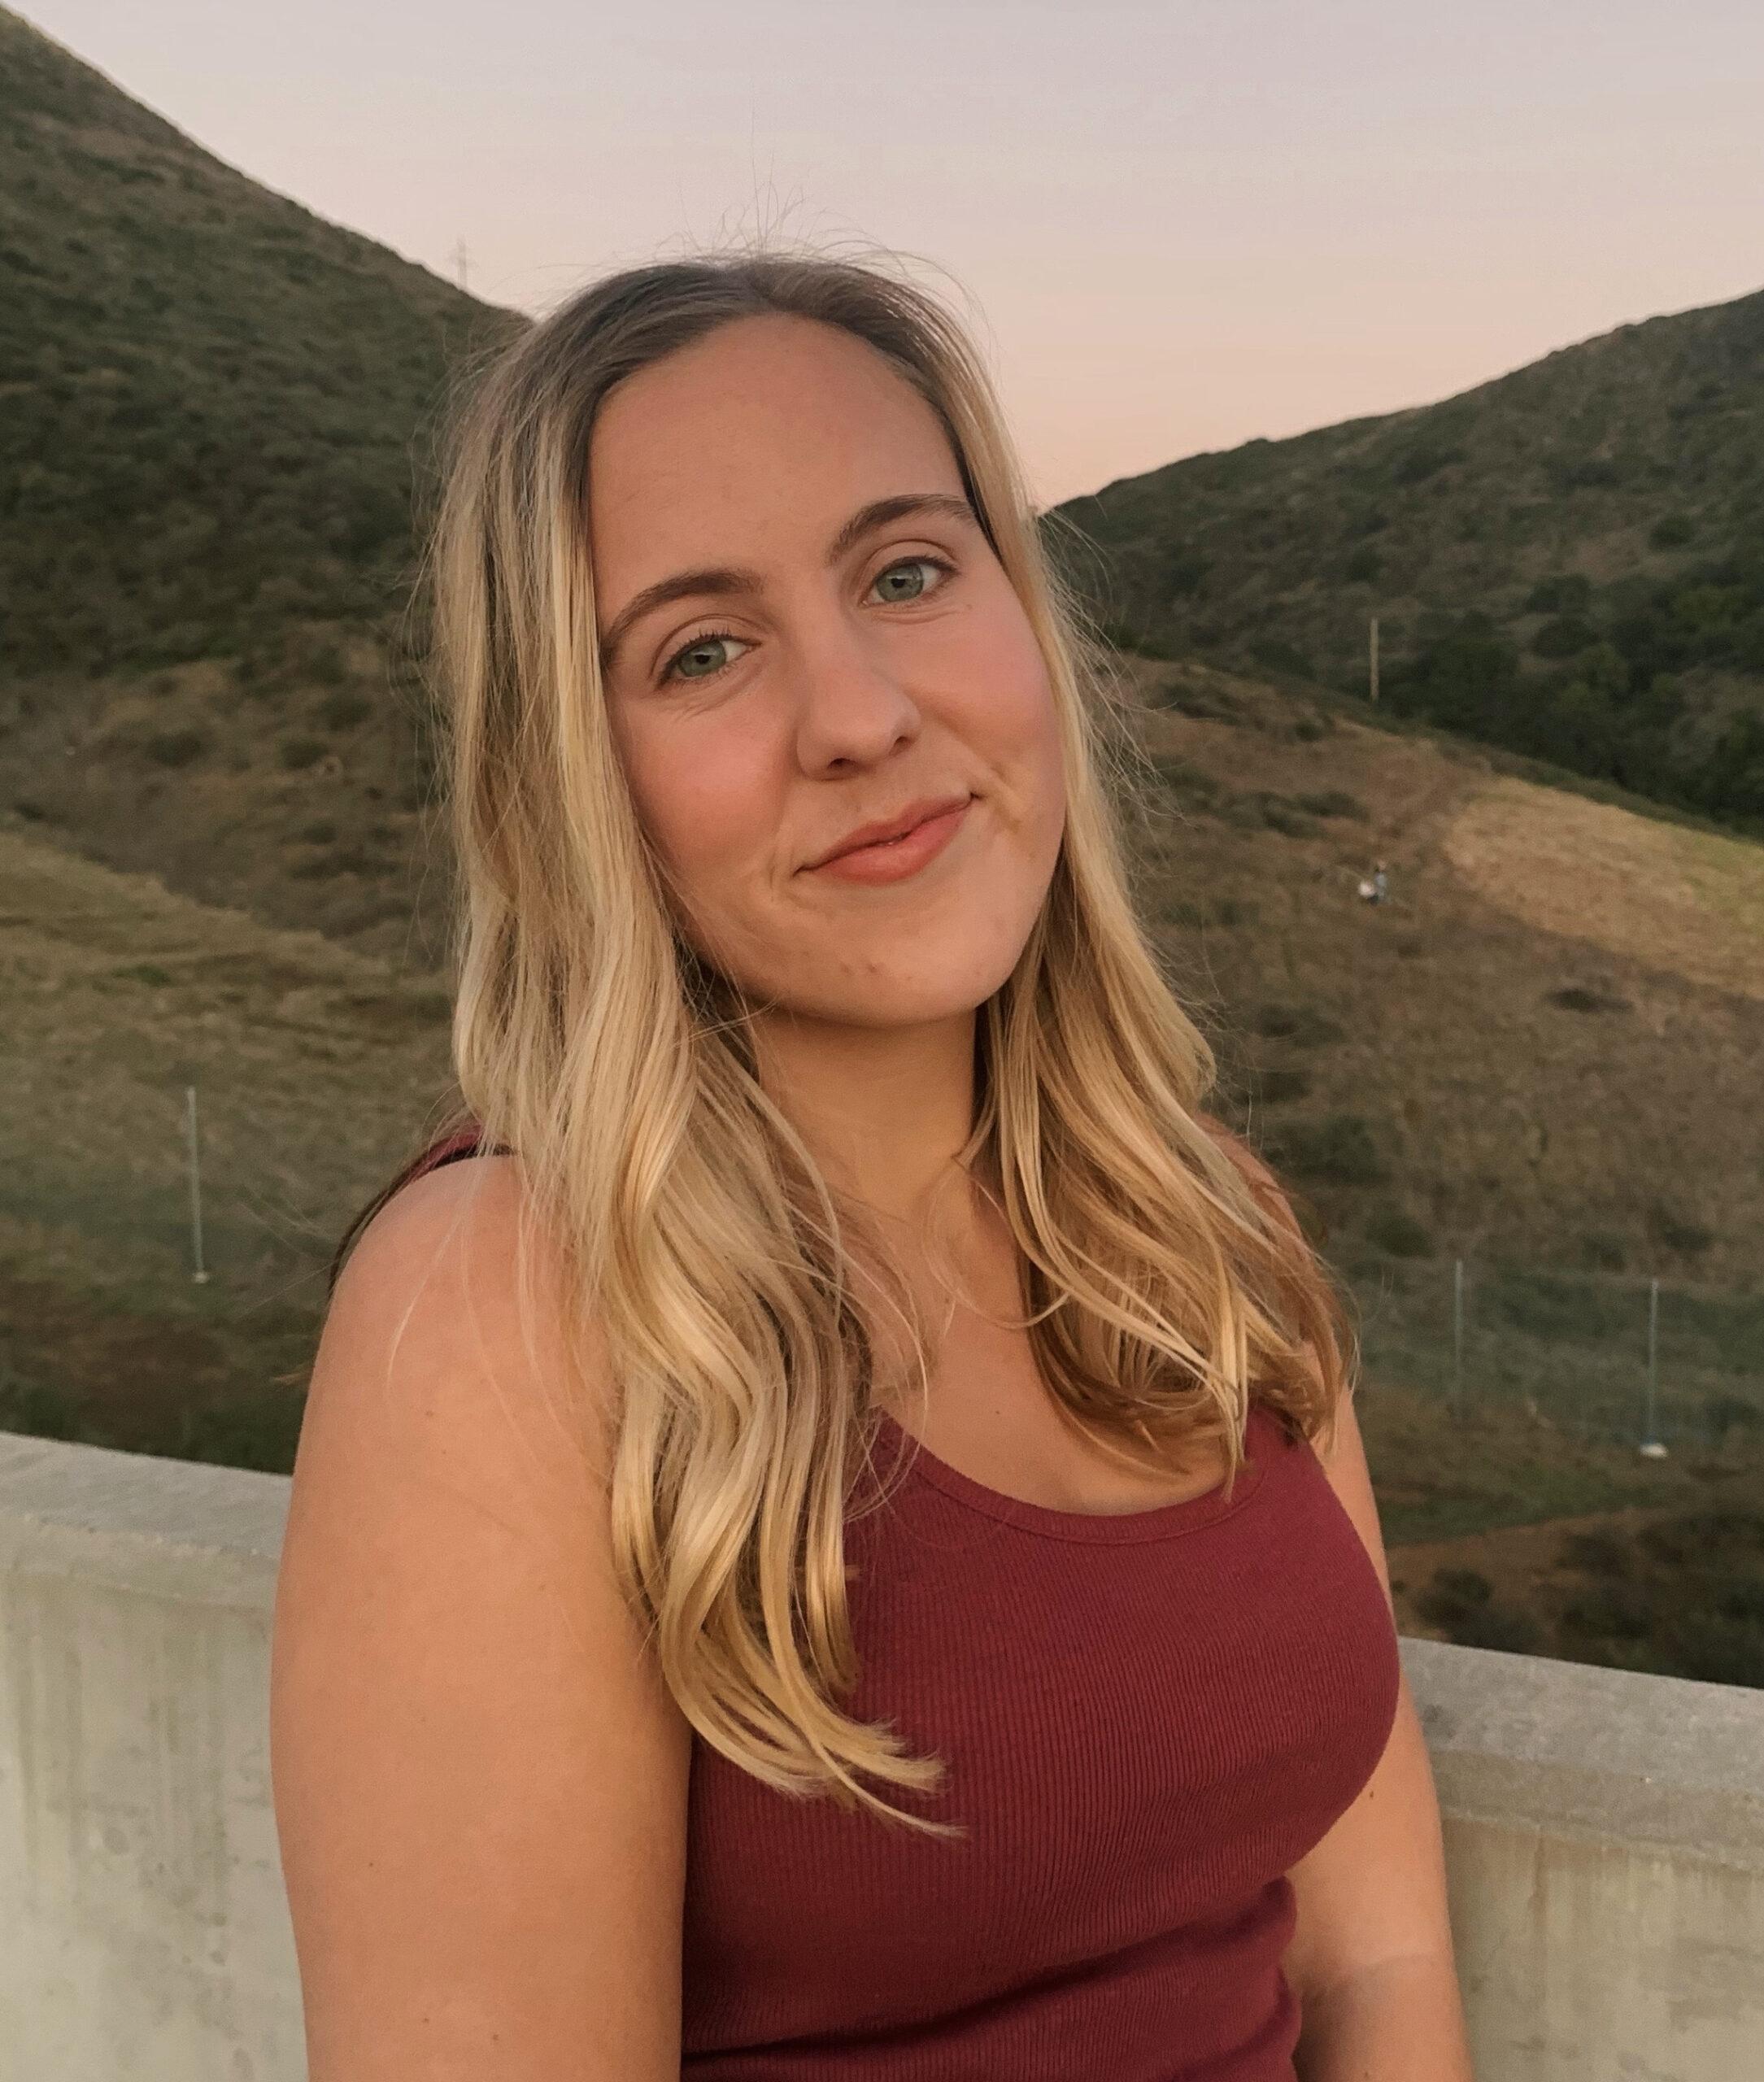 Shawna Lewis